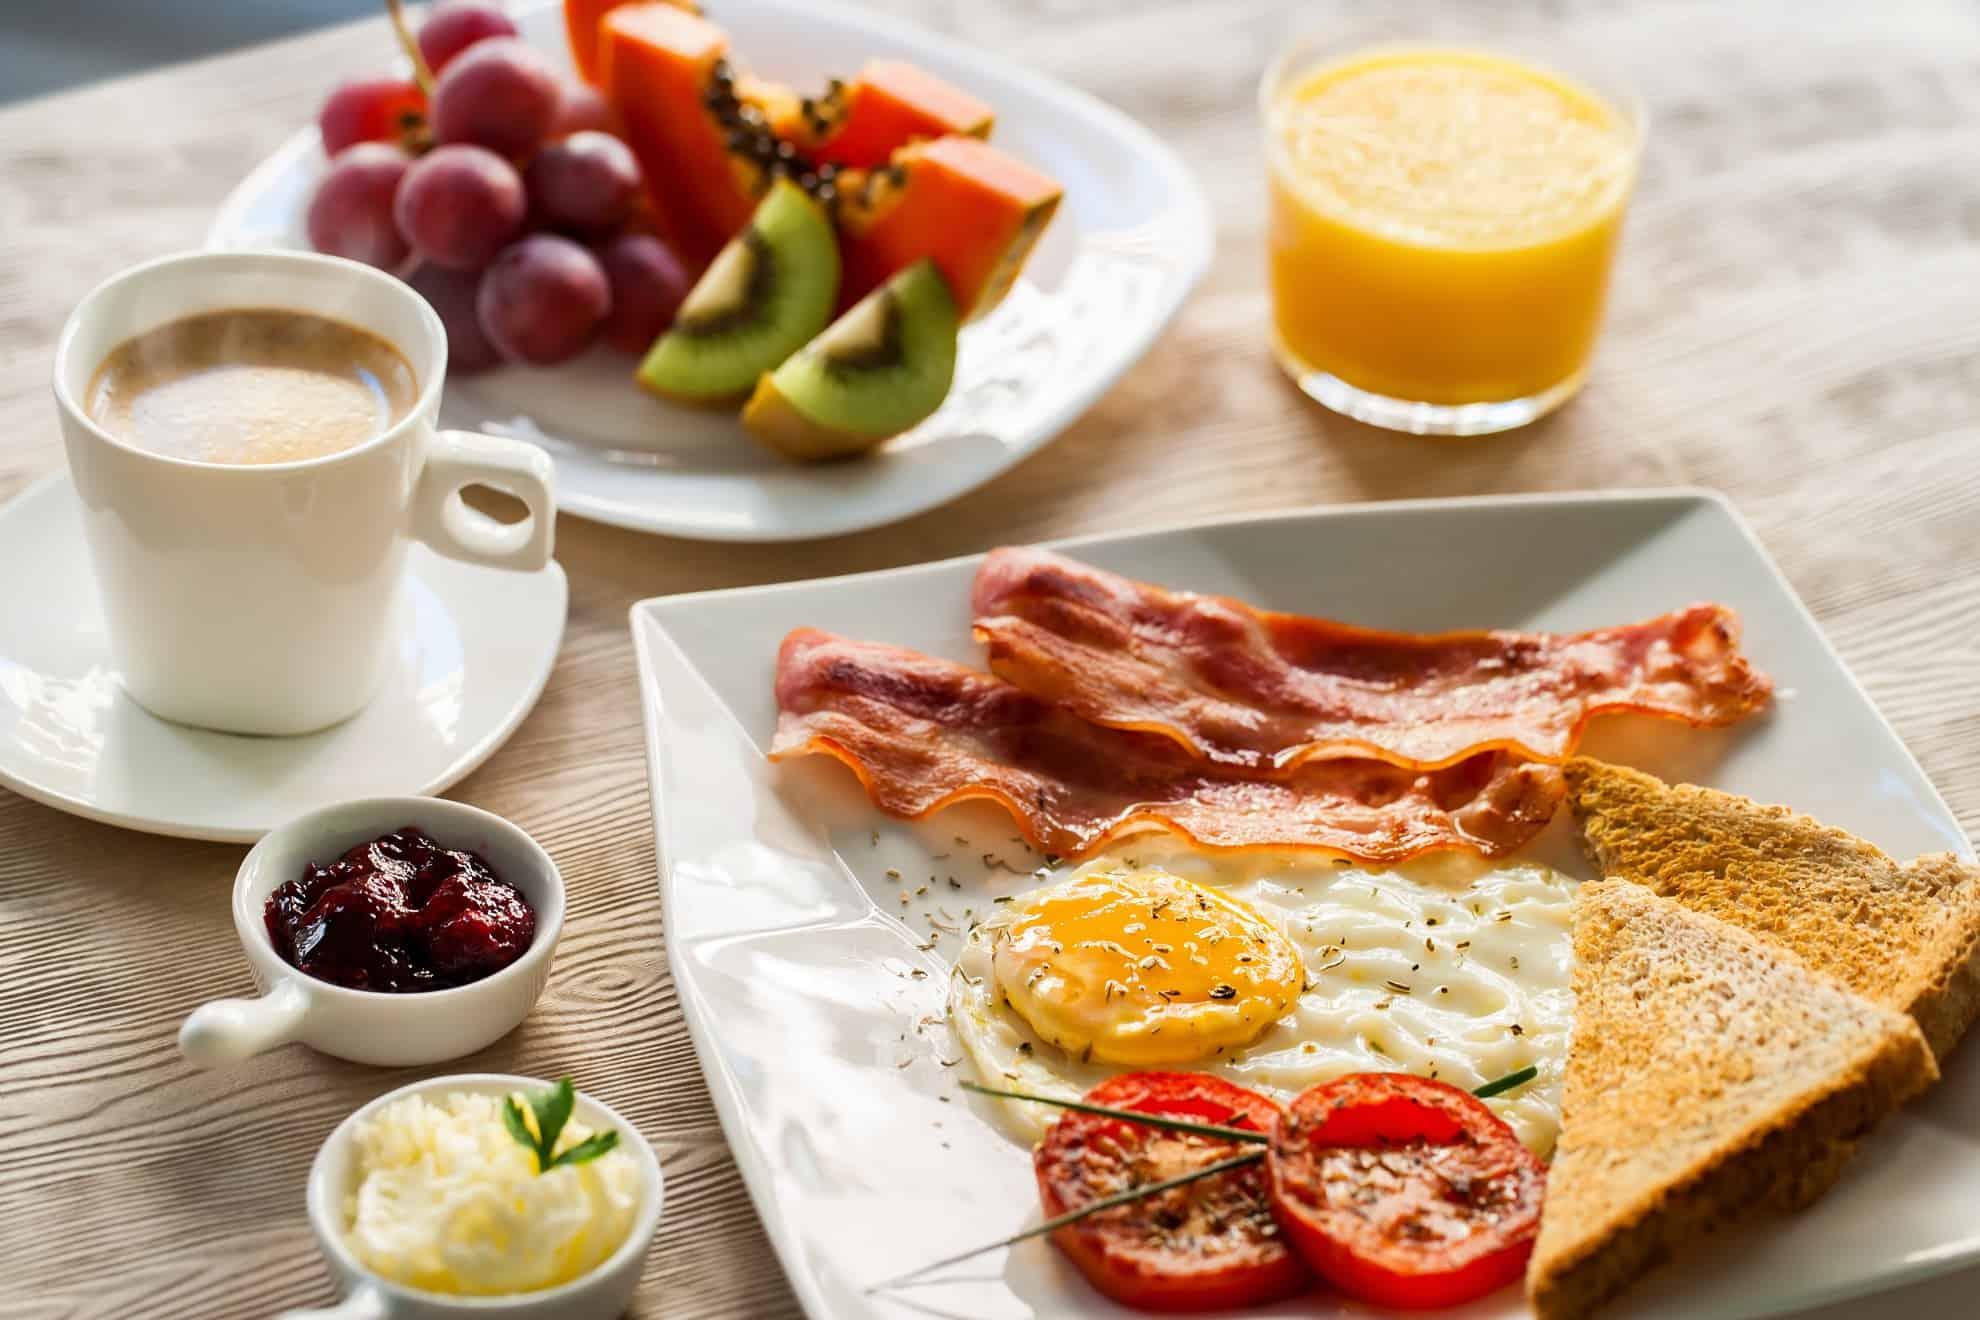 breakfast _58274213_ds_fullHD